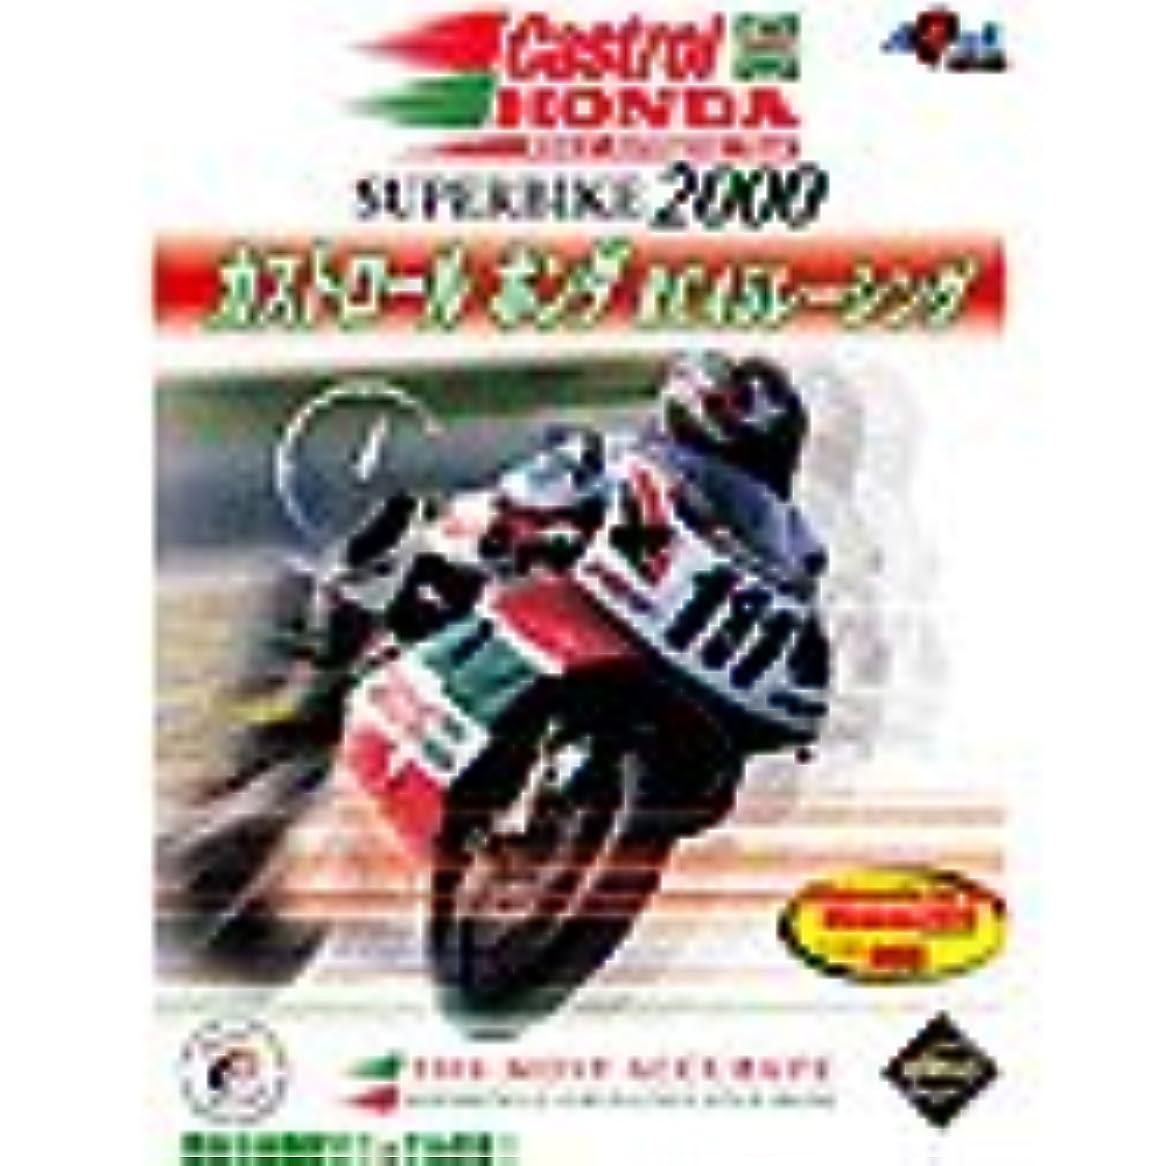 SuperBike 2000 カストロール ホンダ RC45レーシング